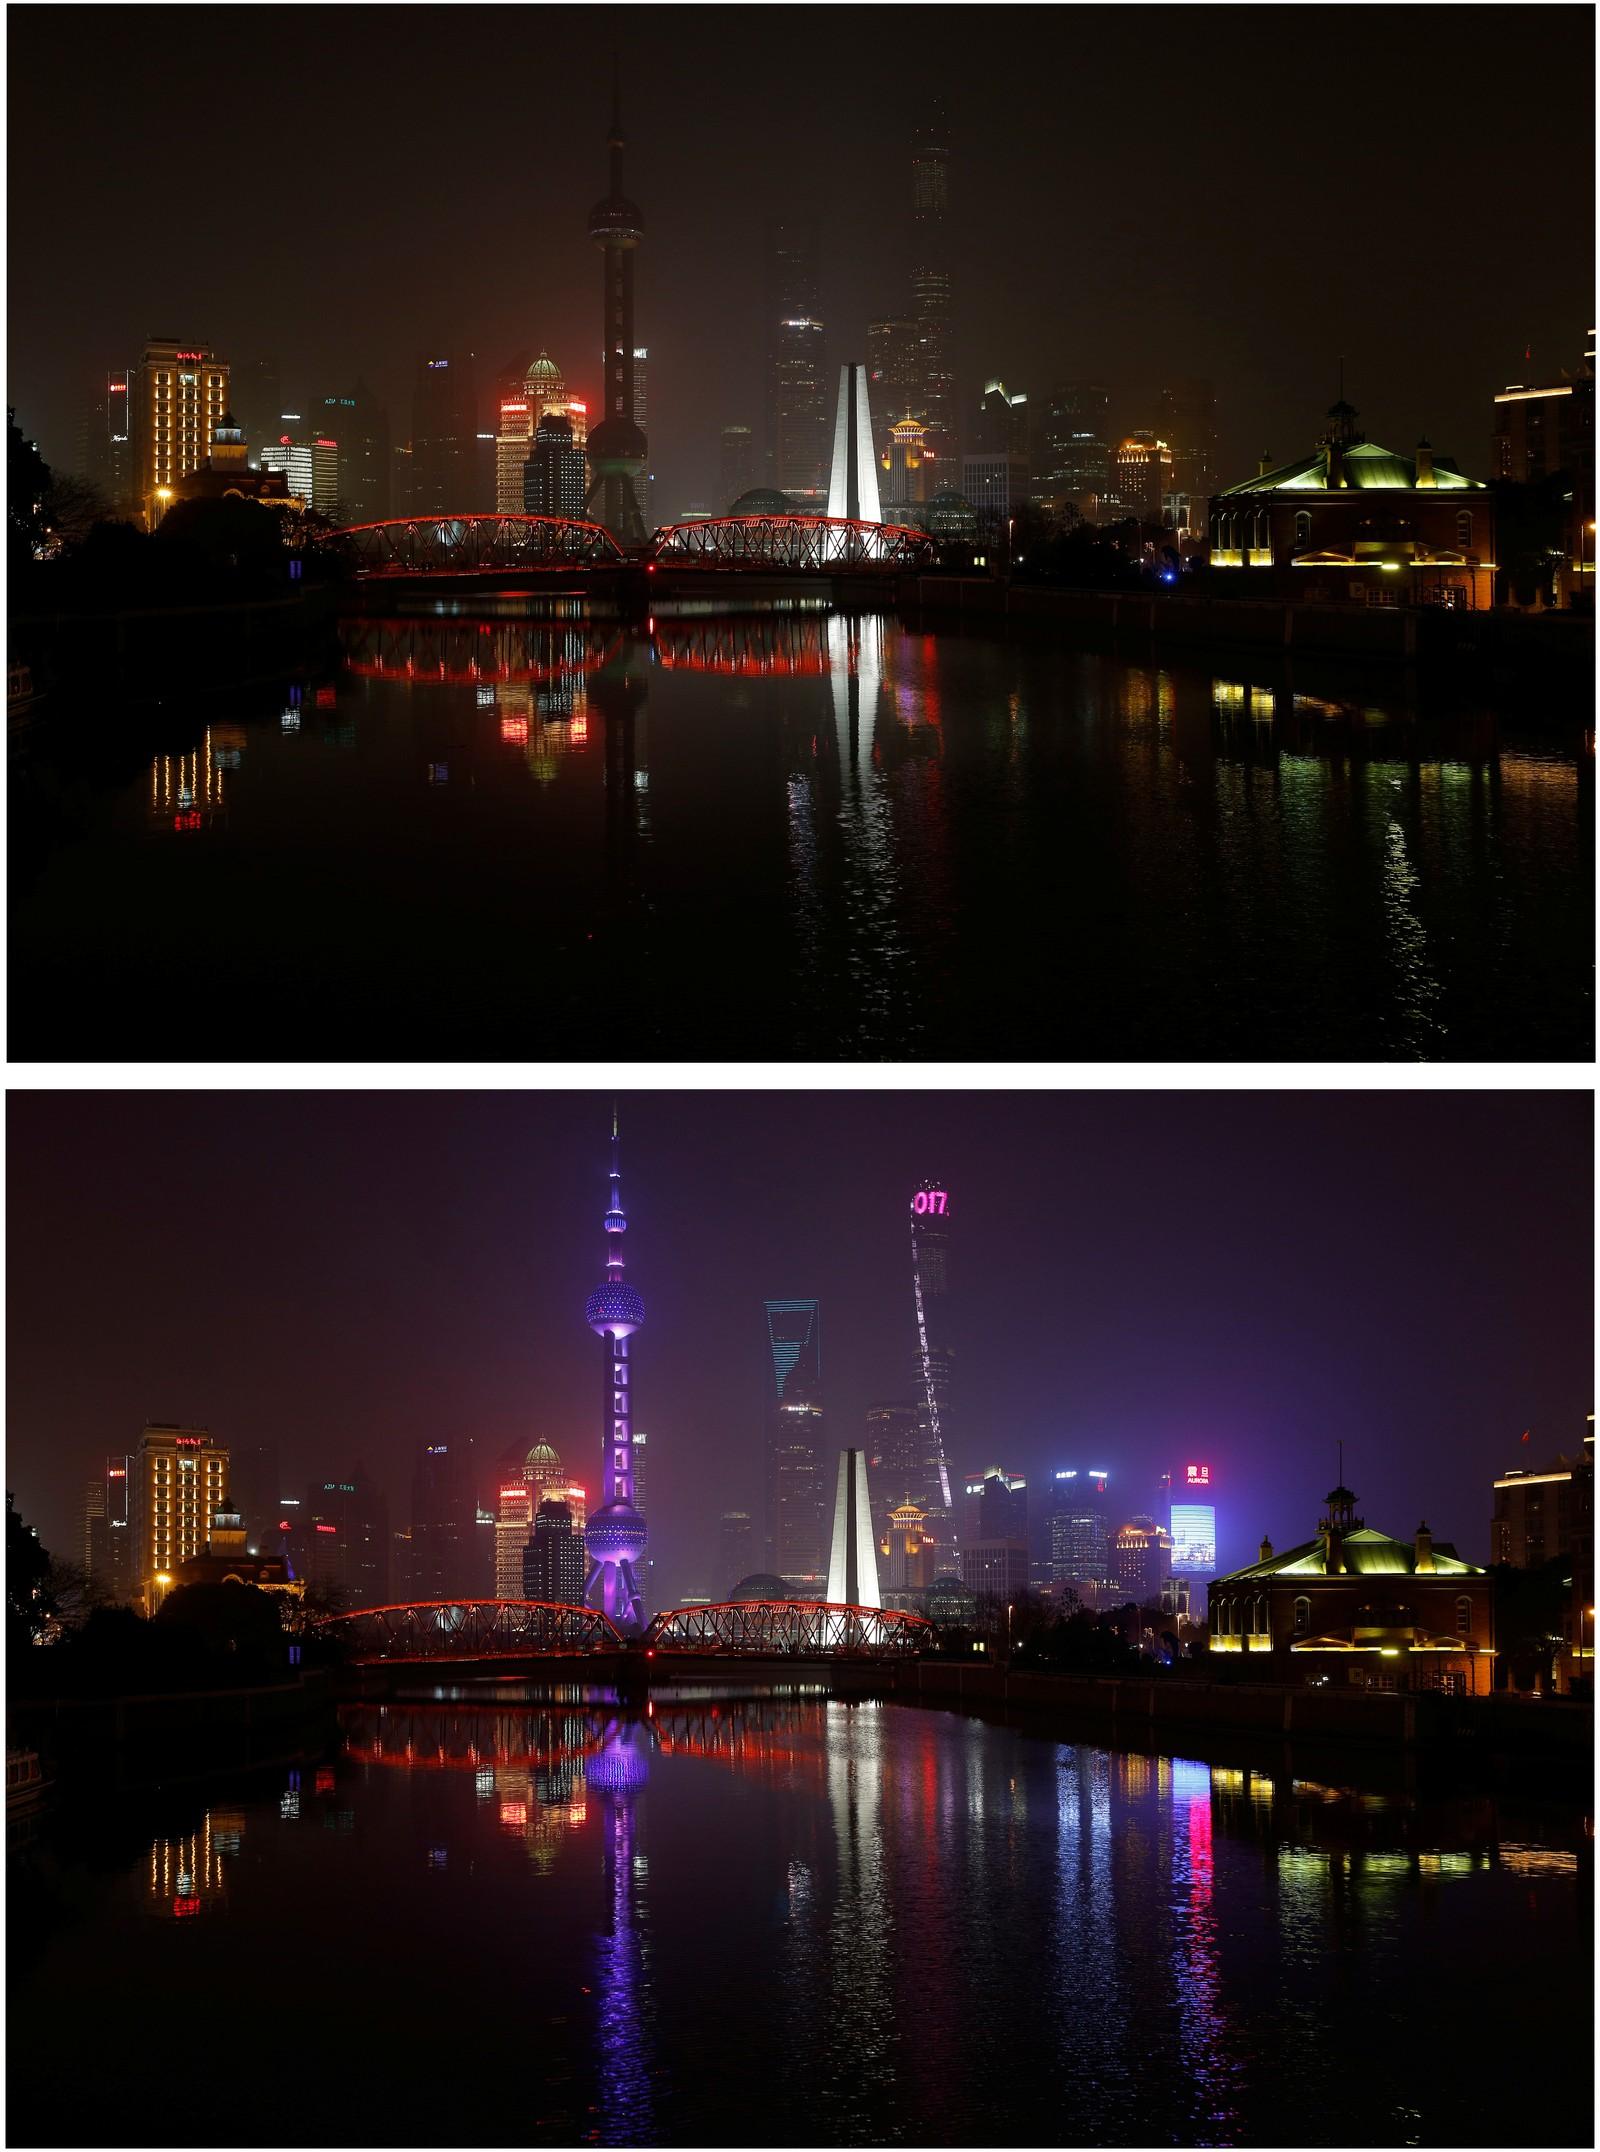 Huangpu River, Shanghai i Kina.